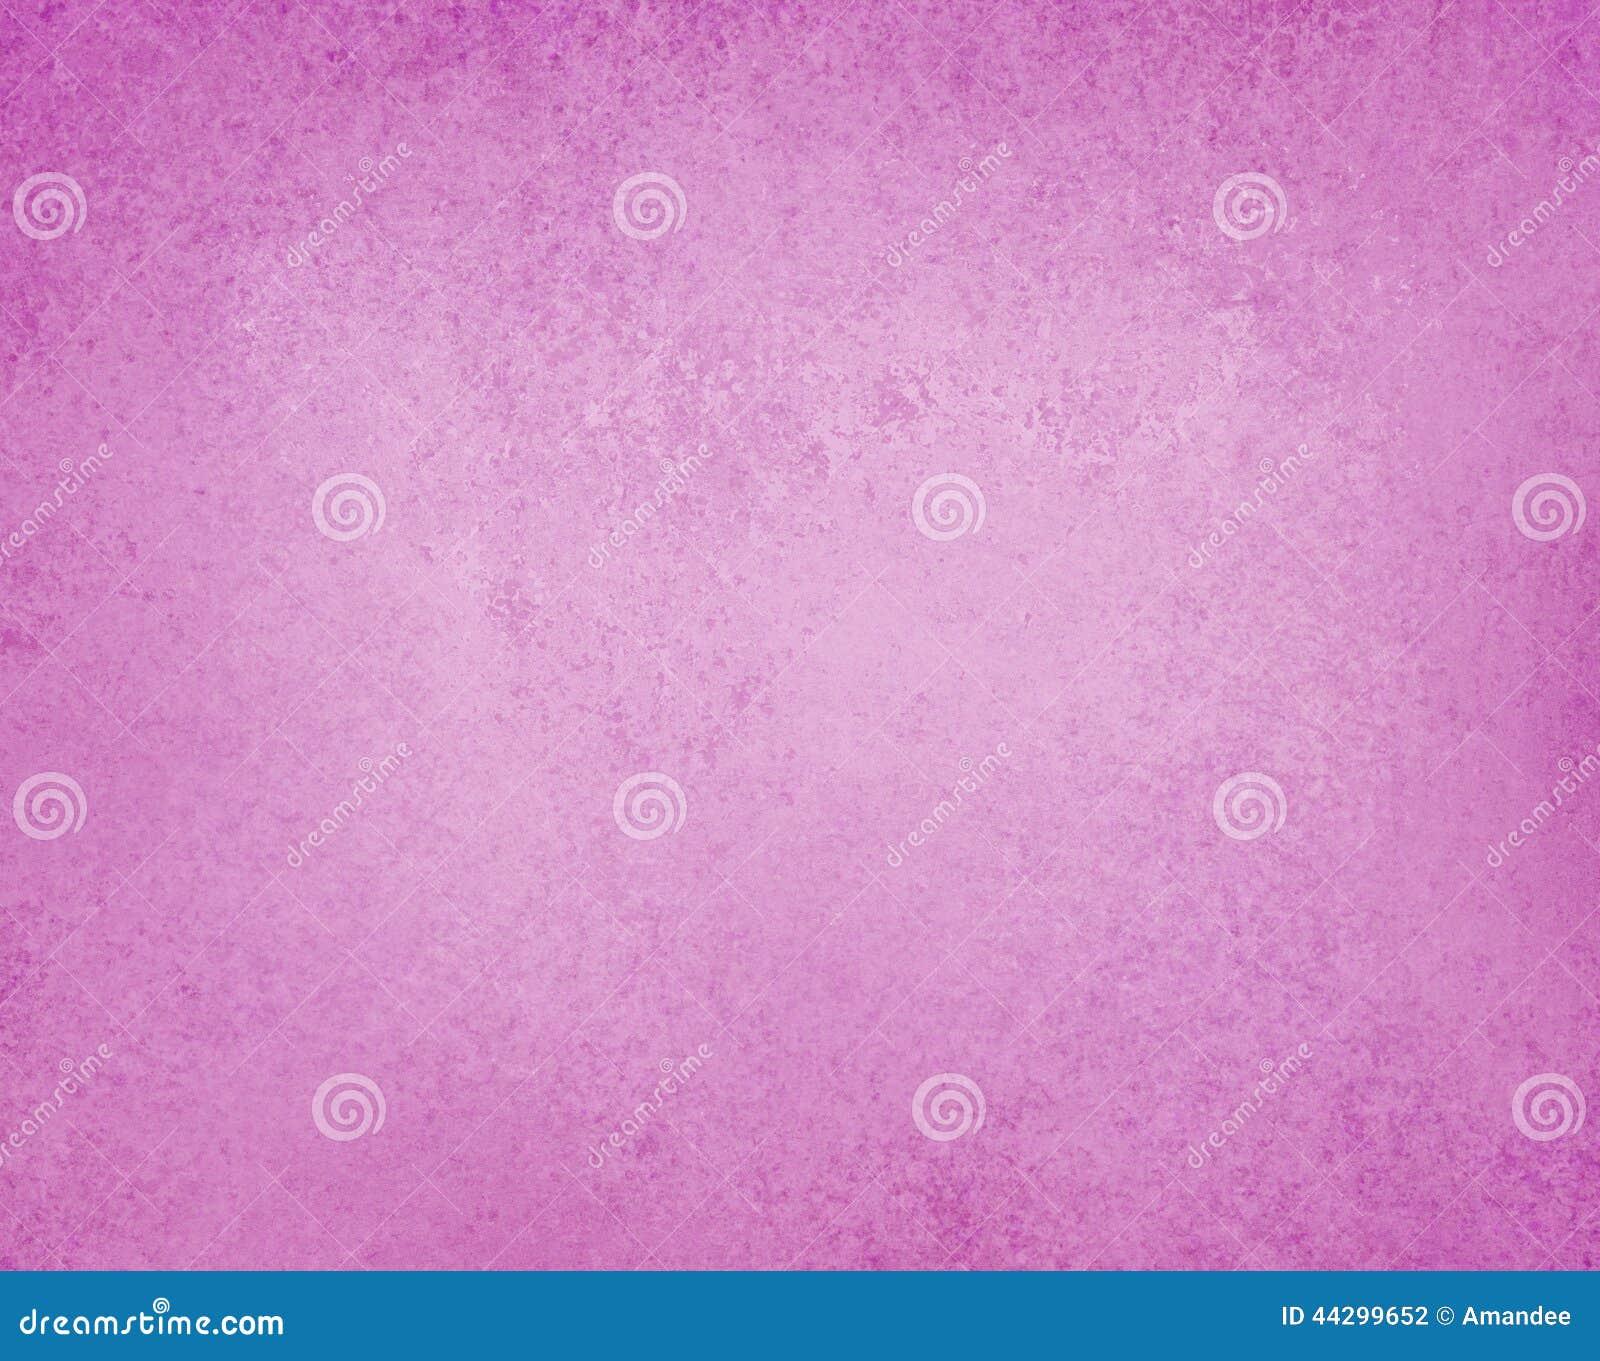 Diseño rico de lujo de la textura del fondo del grunge del vintage del fondo rosado abstracto con la pintura antigua elegante en